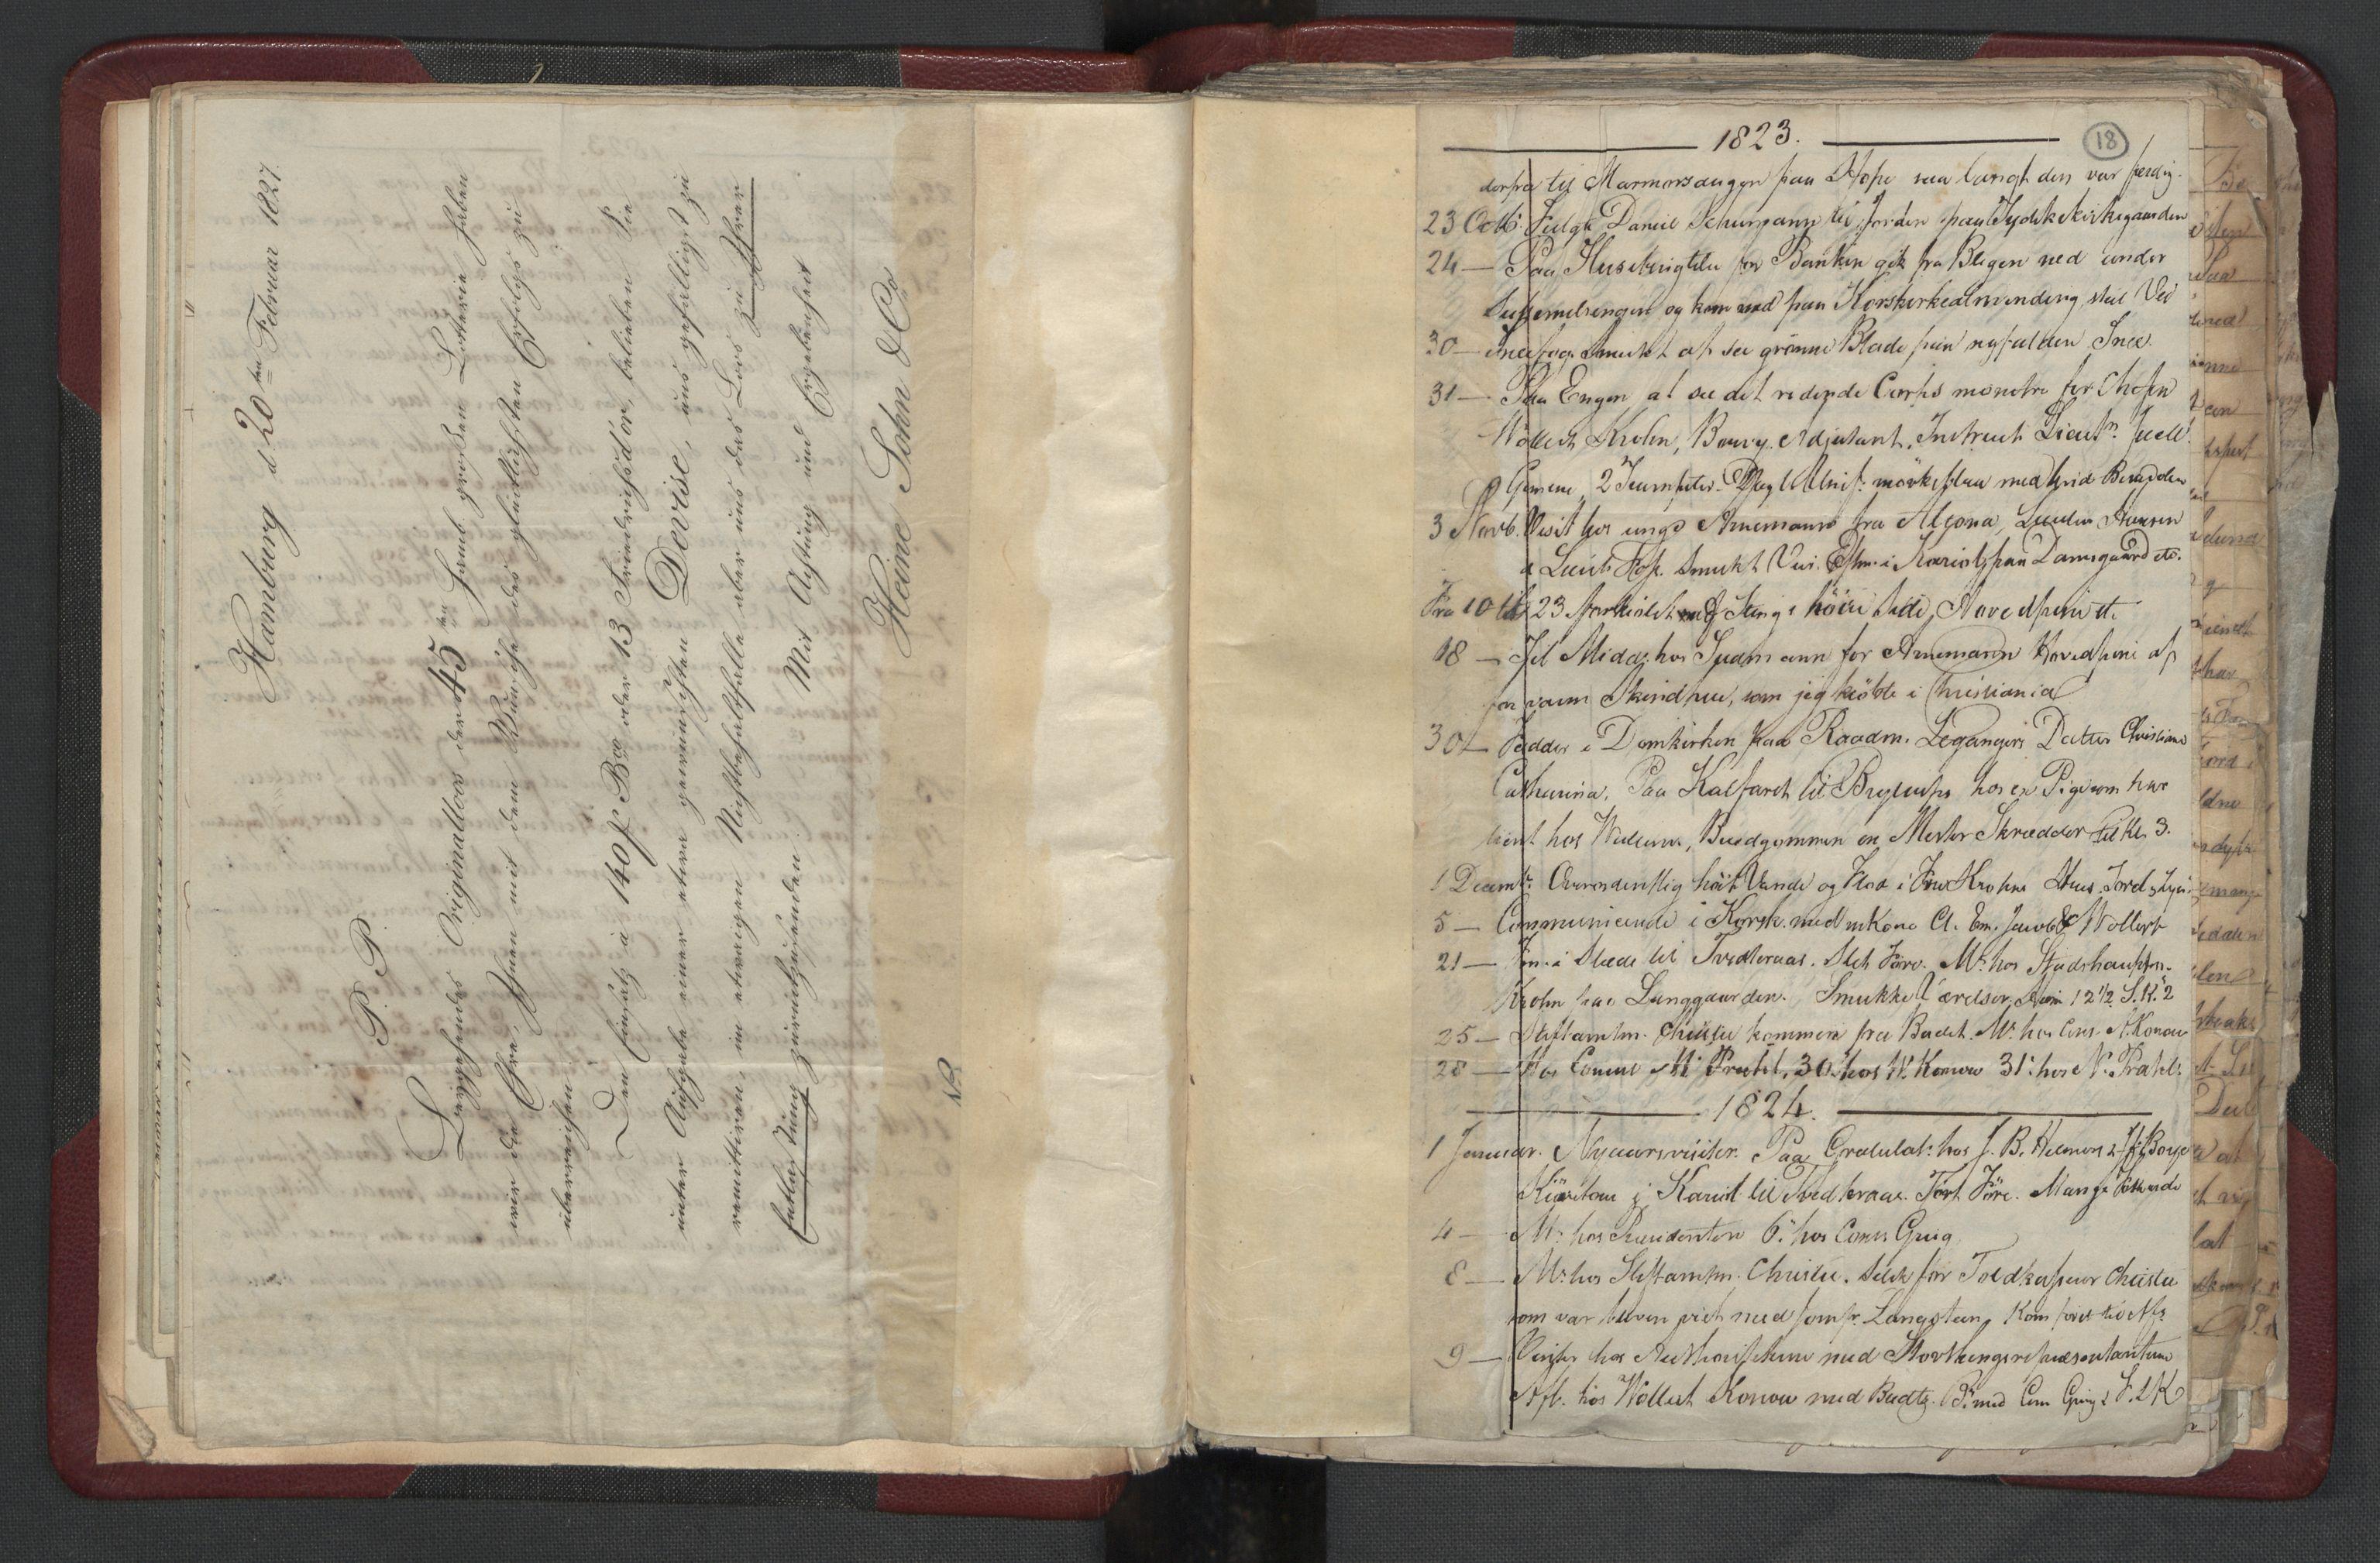 RA, Meltzer, Fredrik, F/L0004: Dagbok, 1822-1830, s. 17b-18a